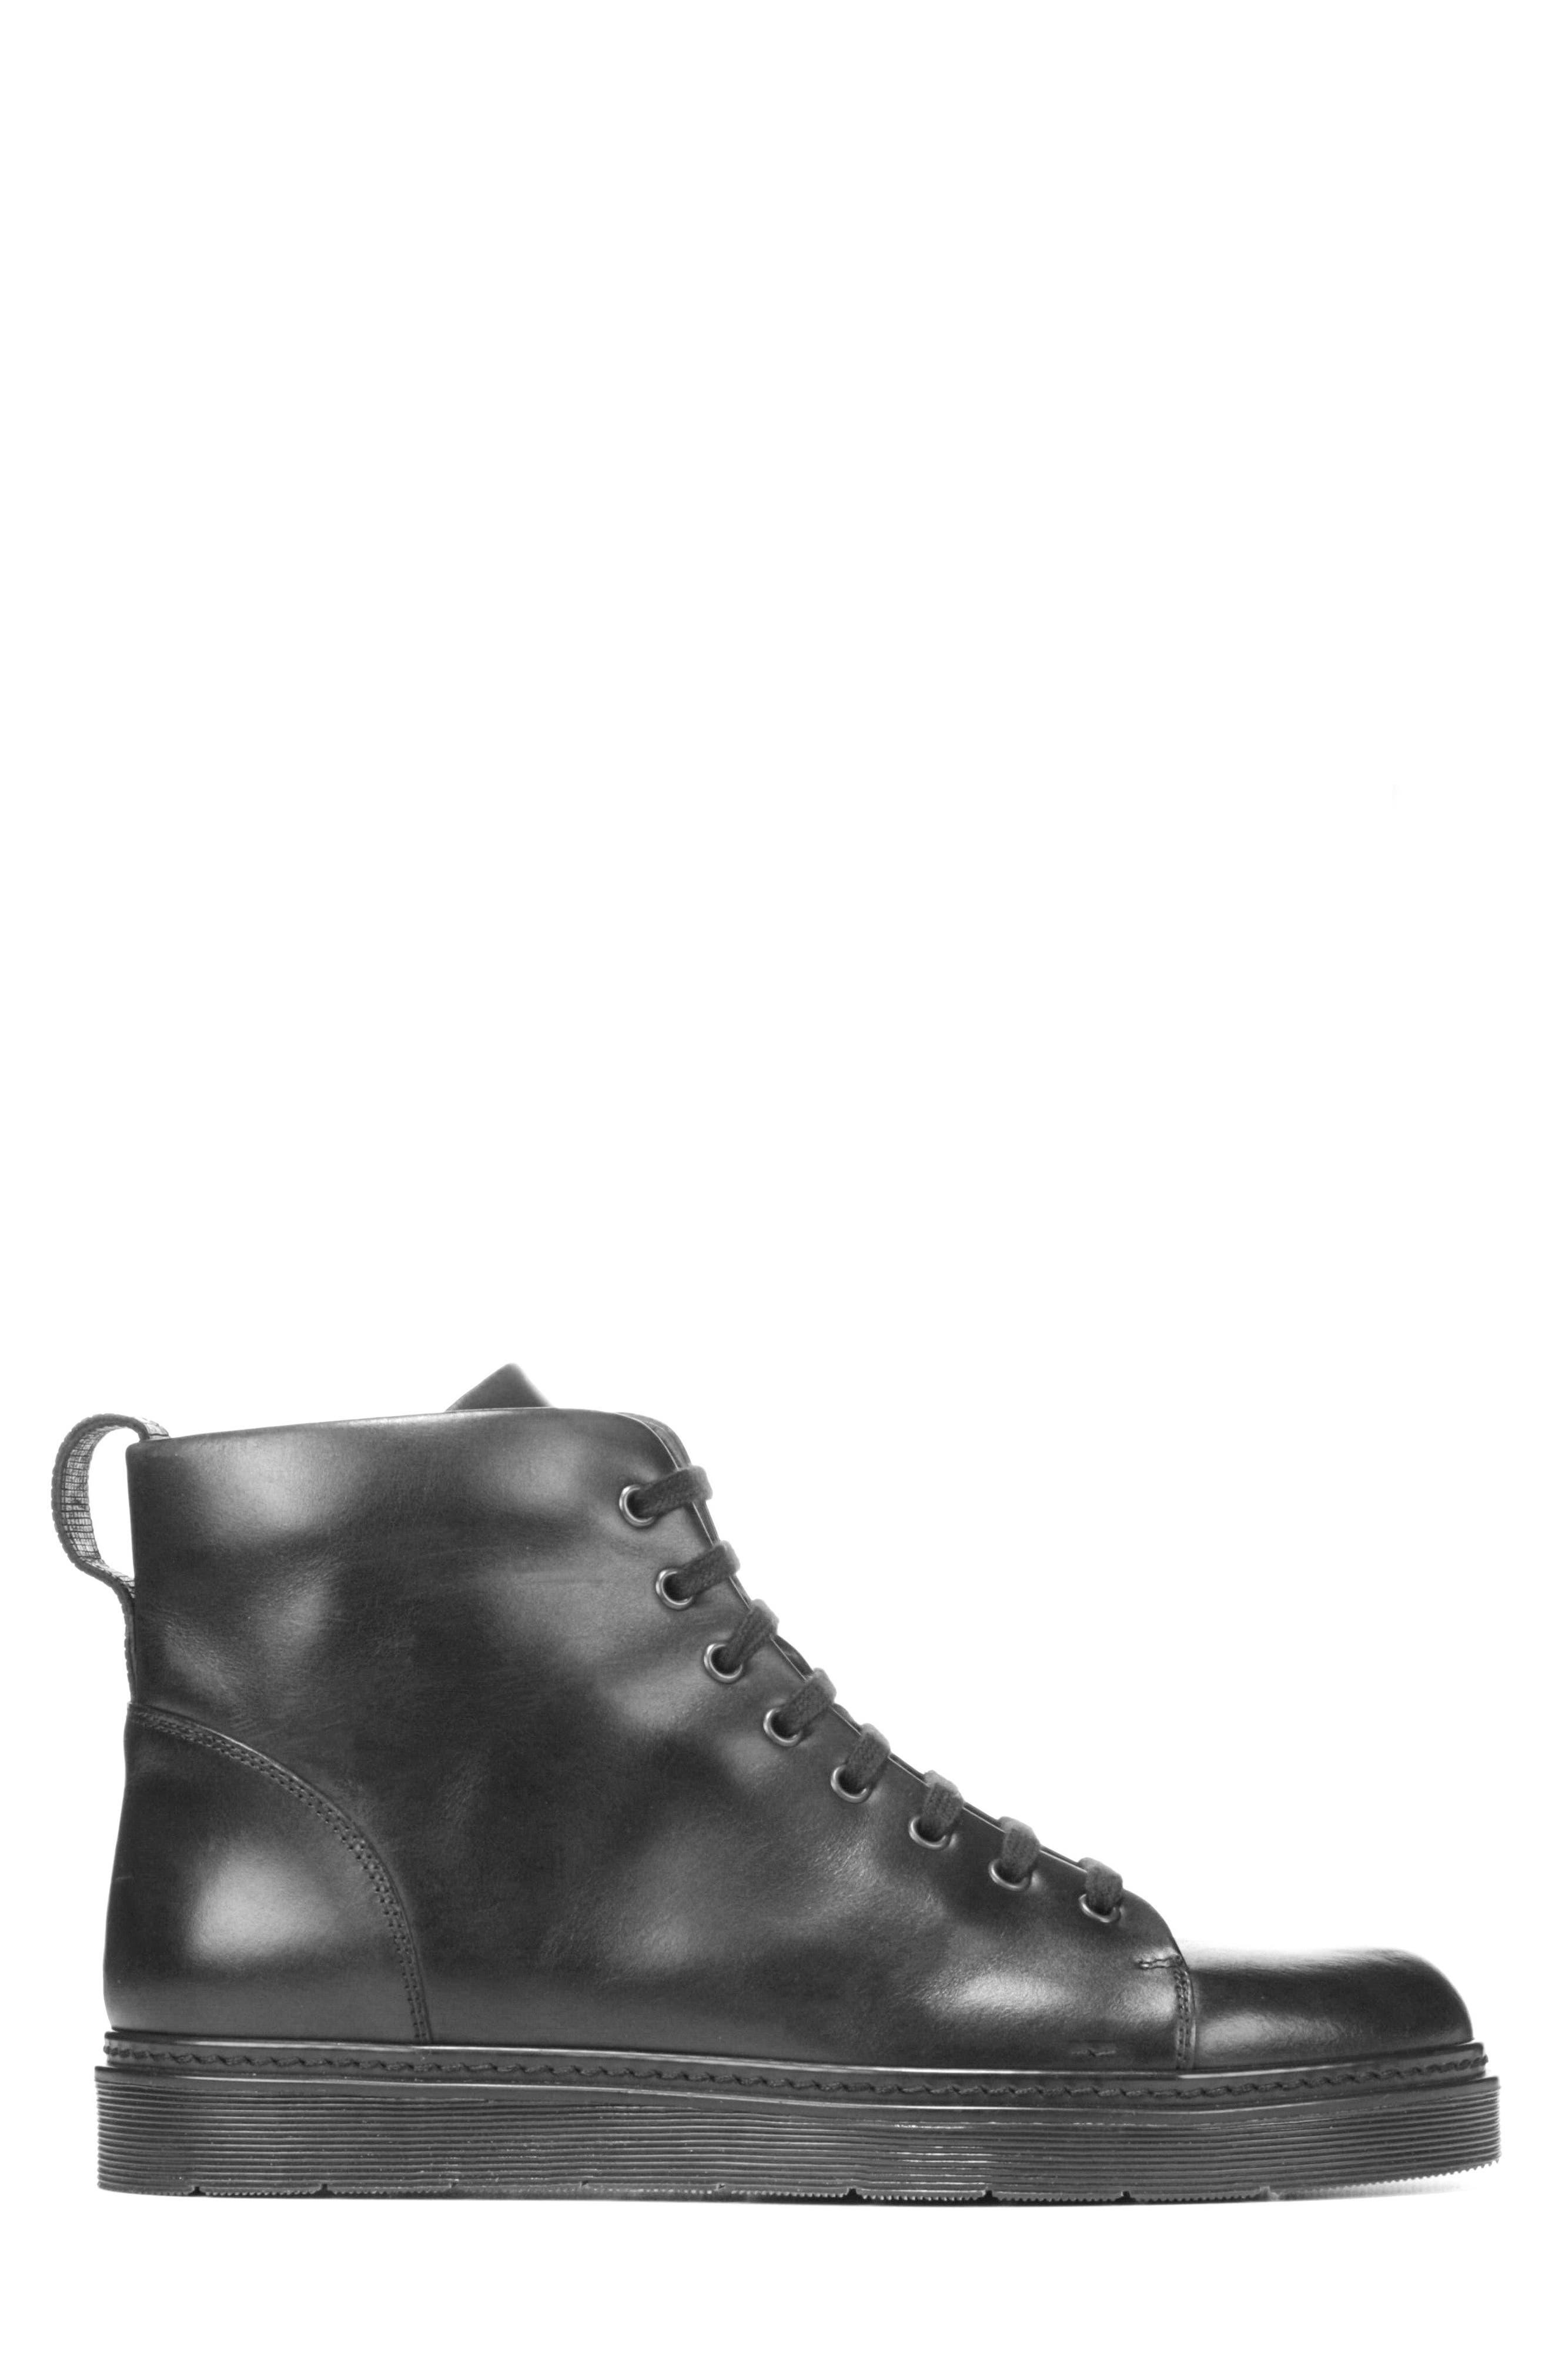 Malone Plain Toe Boot,                             Alternate thumbnail 5, color,